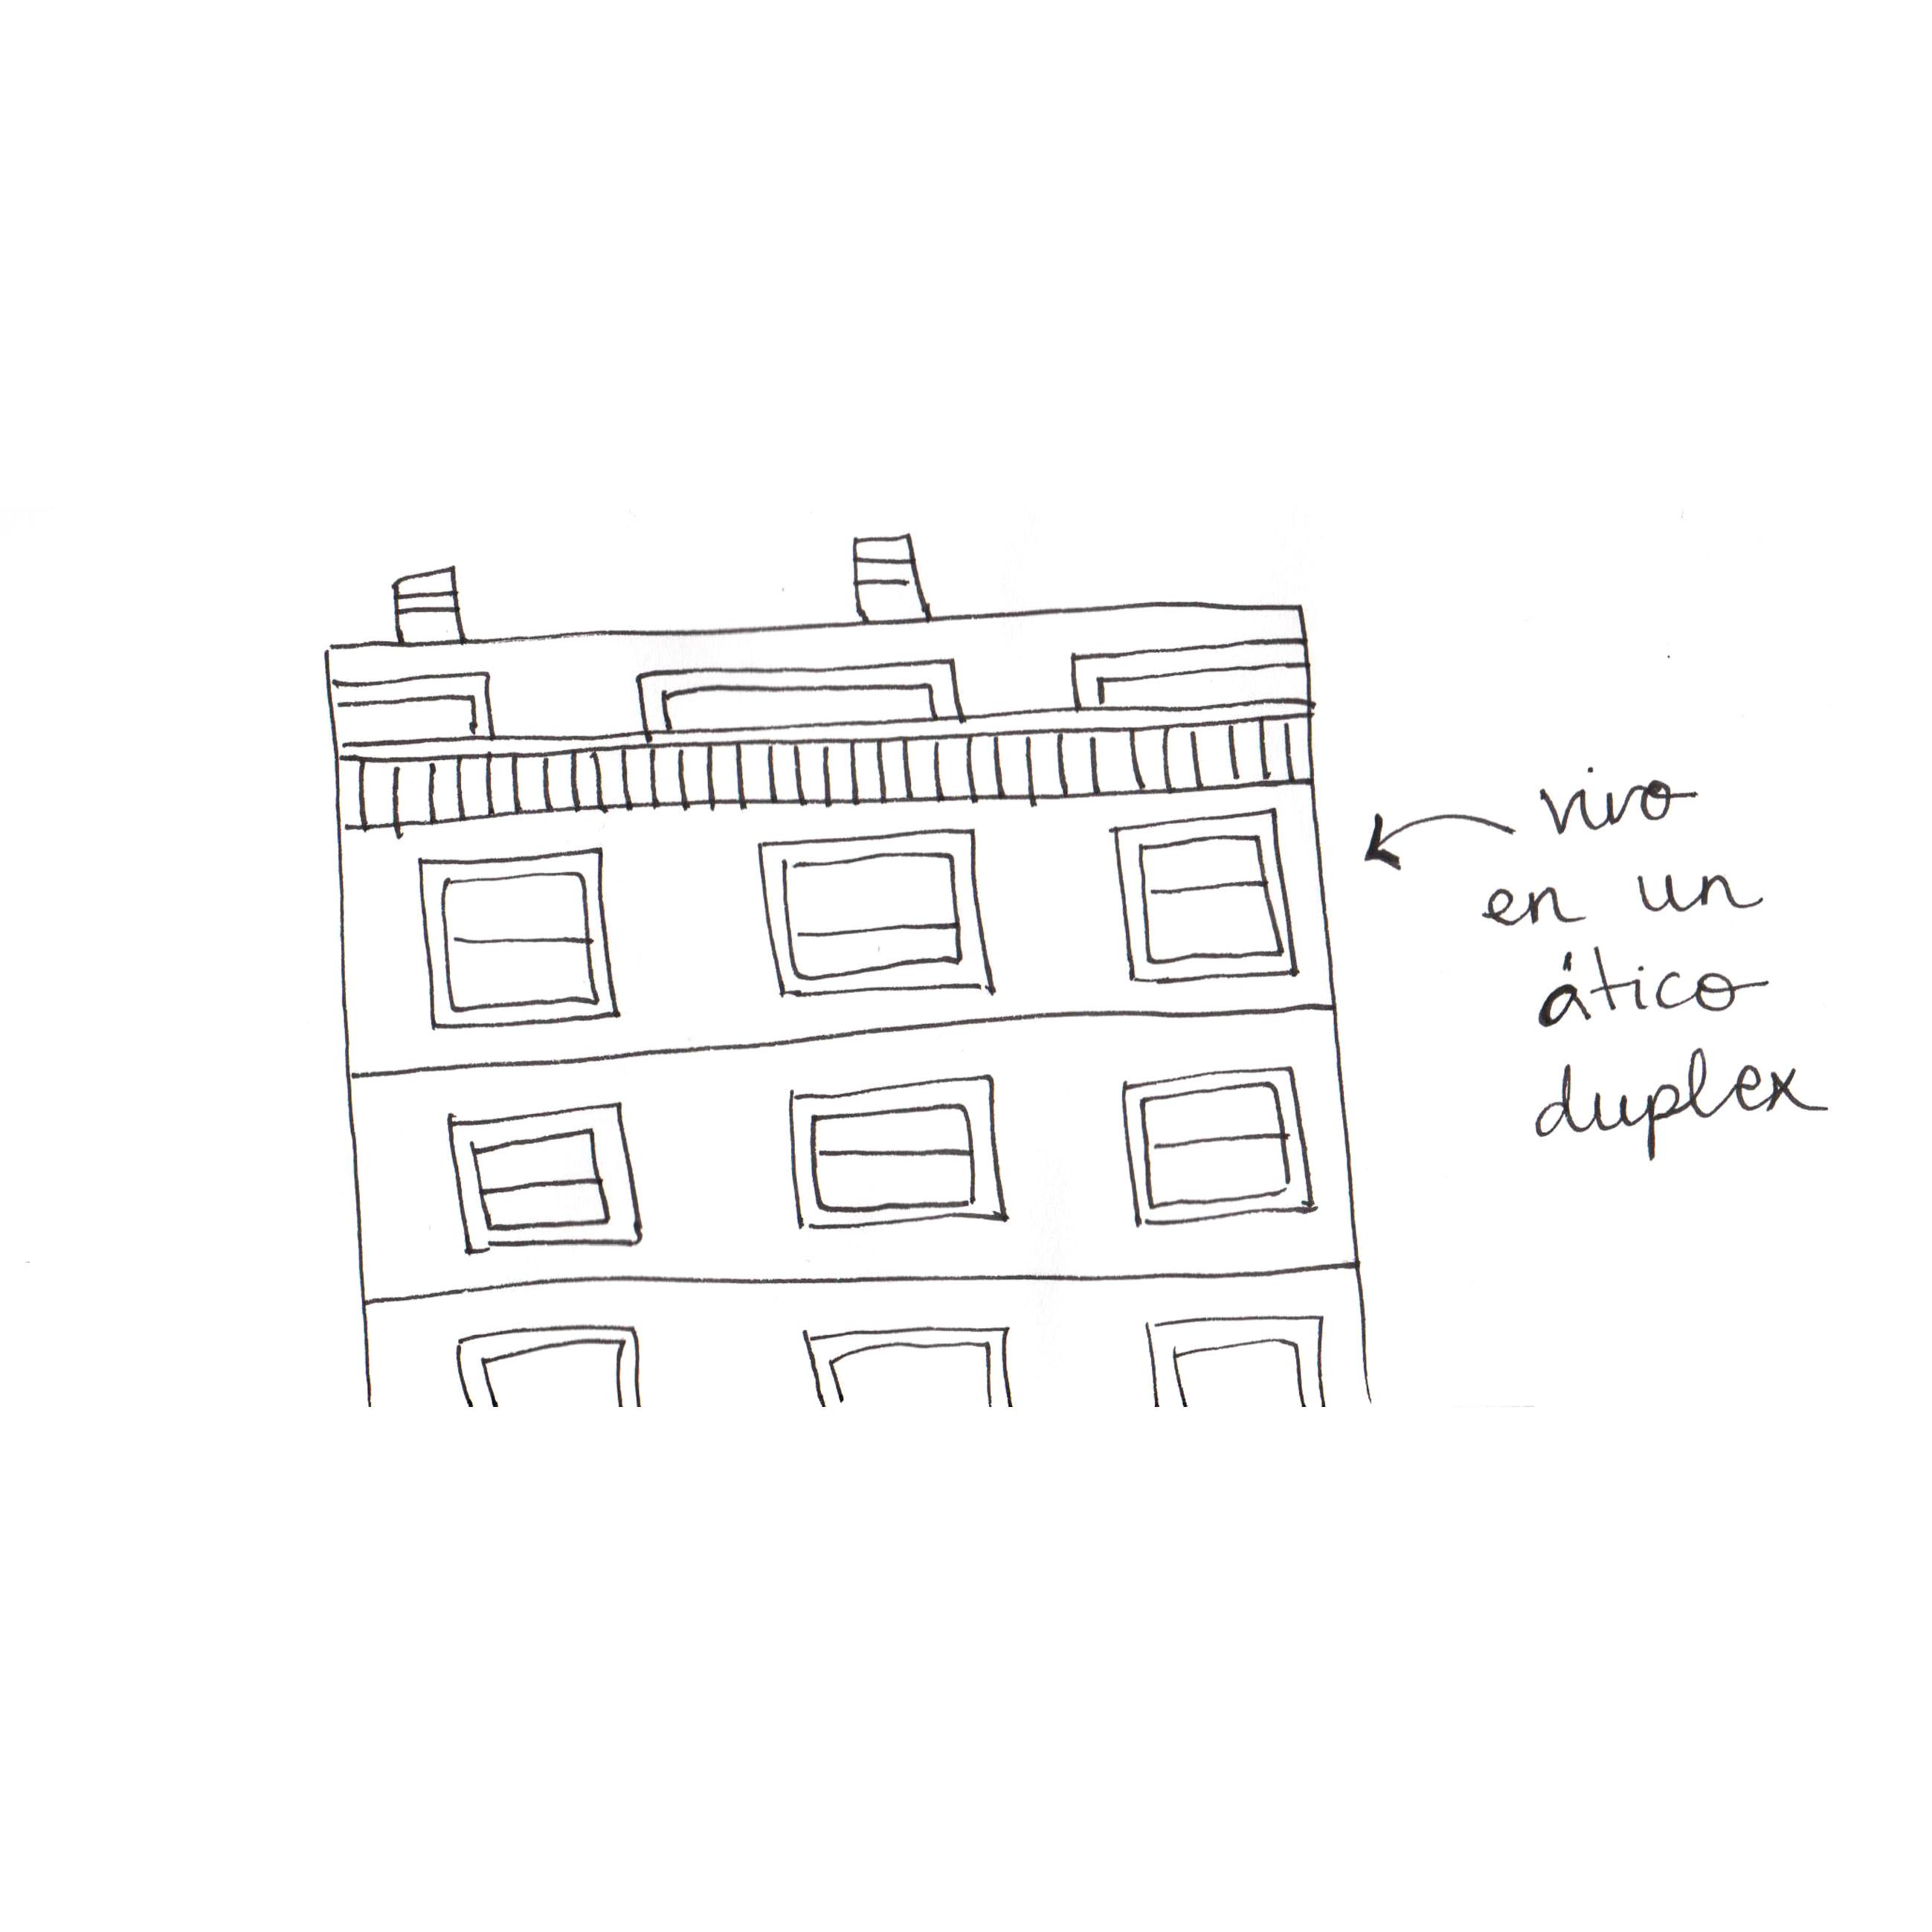 retos dibujar facil